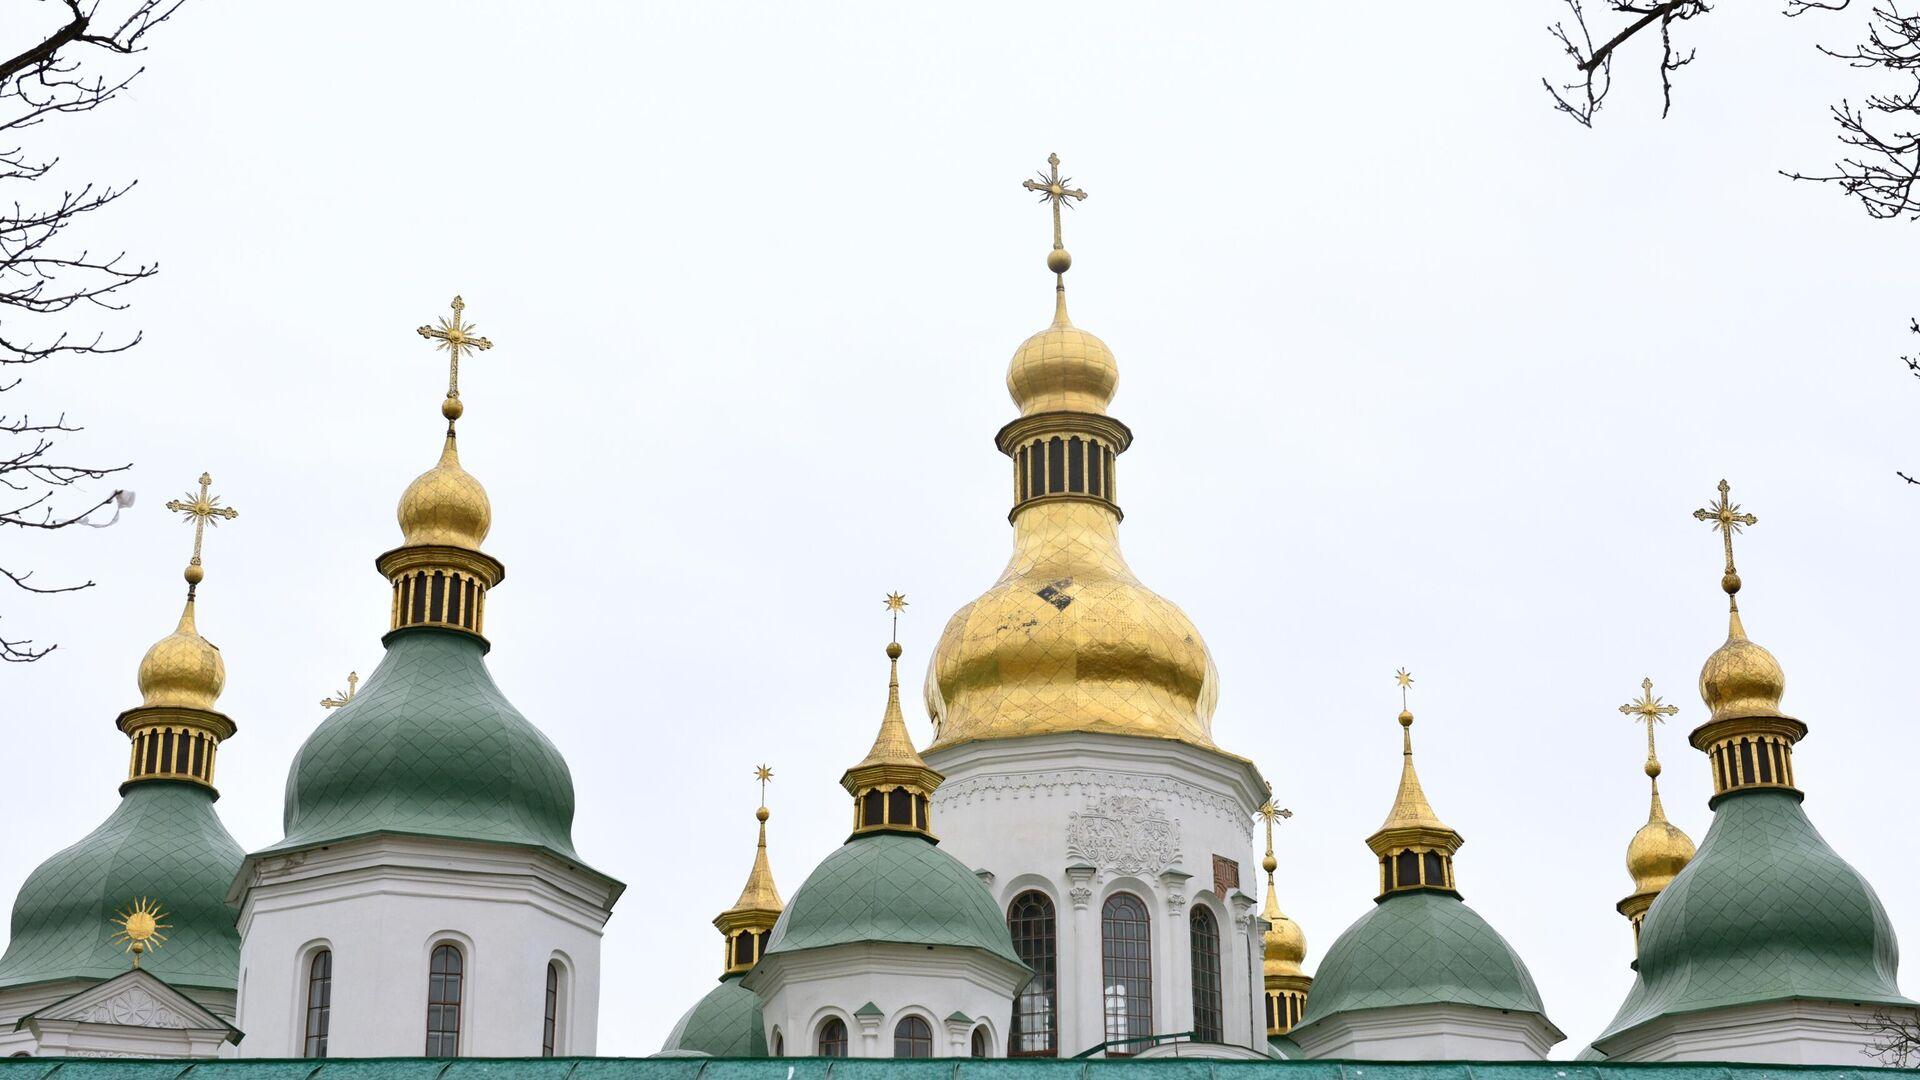 Купола Софийского собора в Киеве - РИА Новости, 1920, 26.12.2020